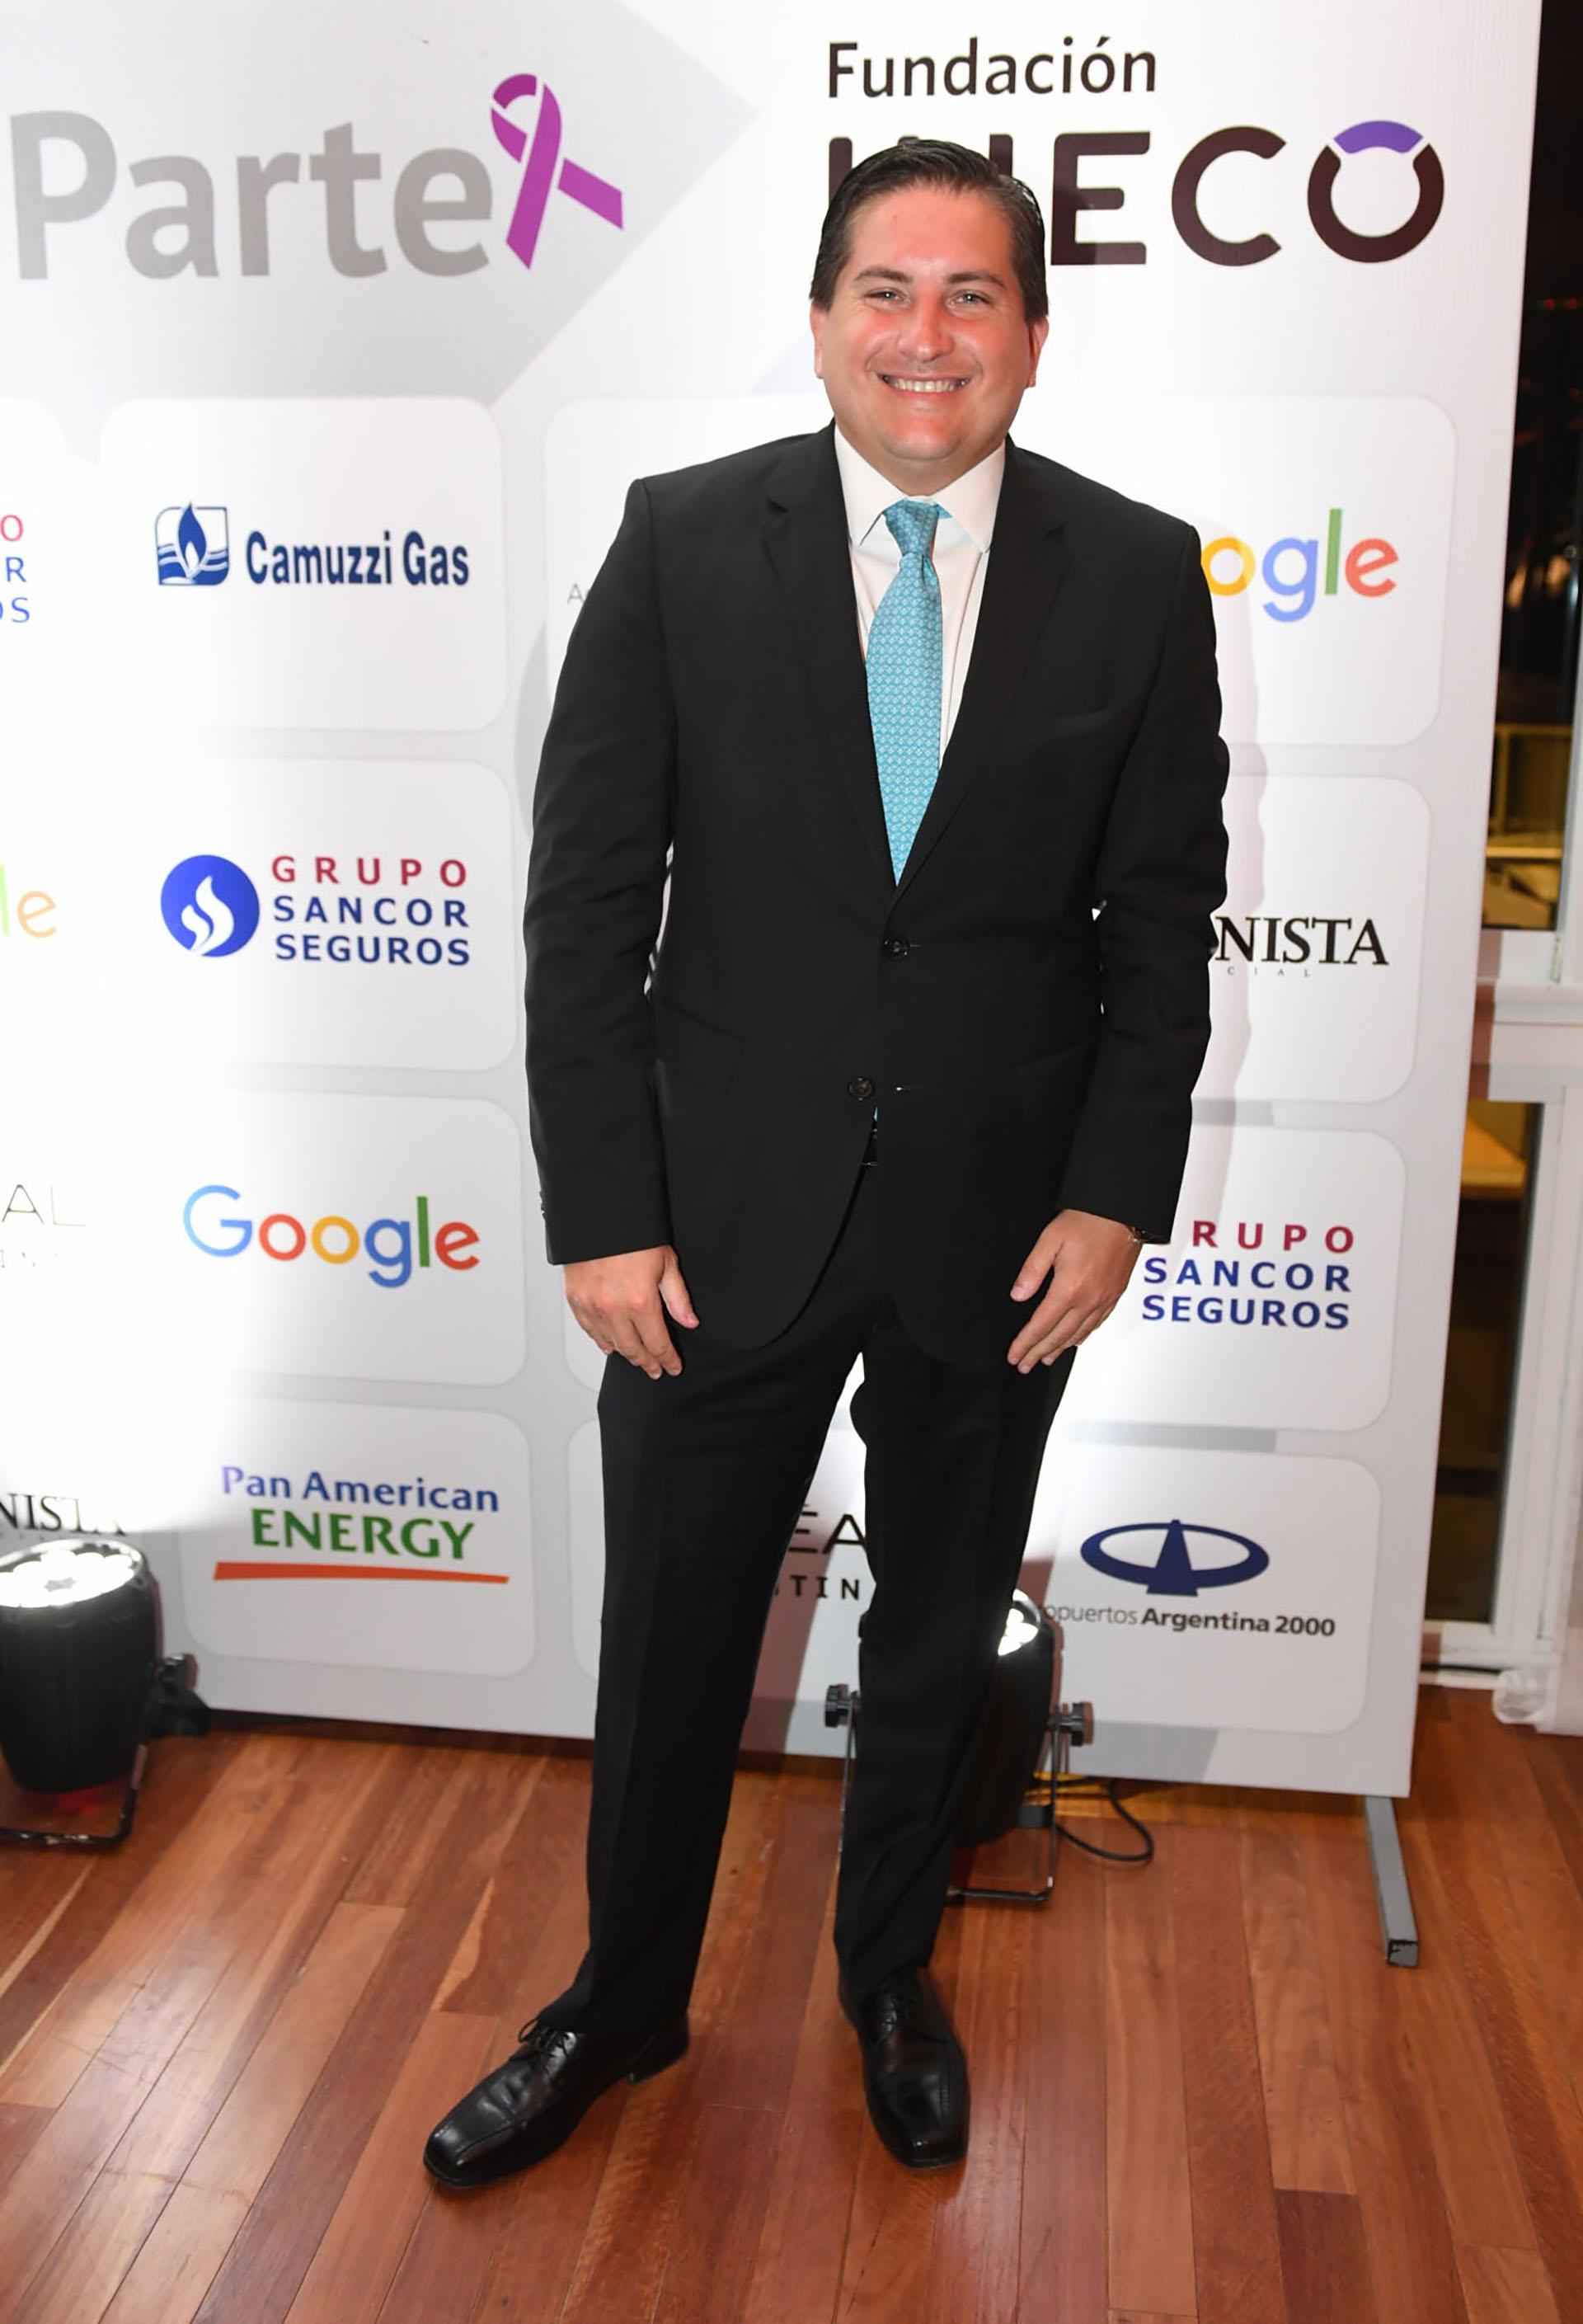 Gastón Corral, director de Sustentabilidad Corporativa de HSBC Argentina